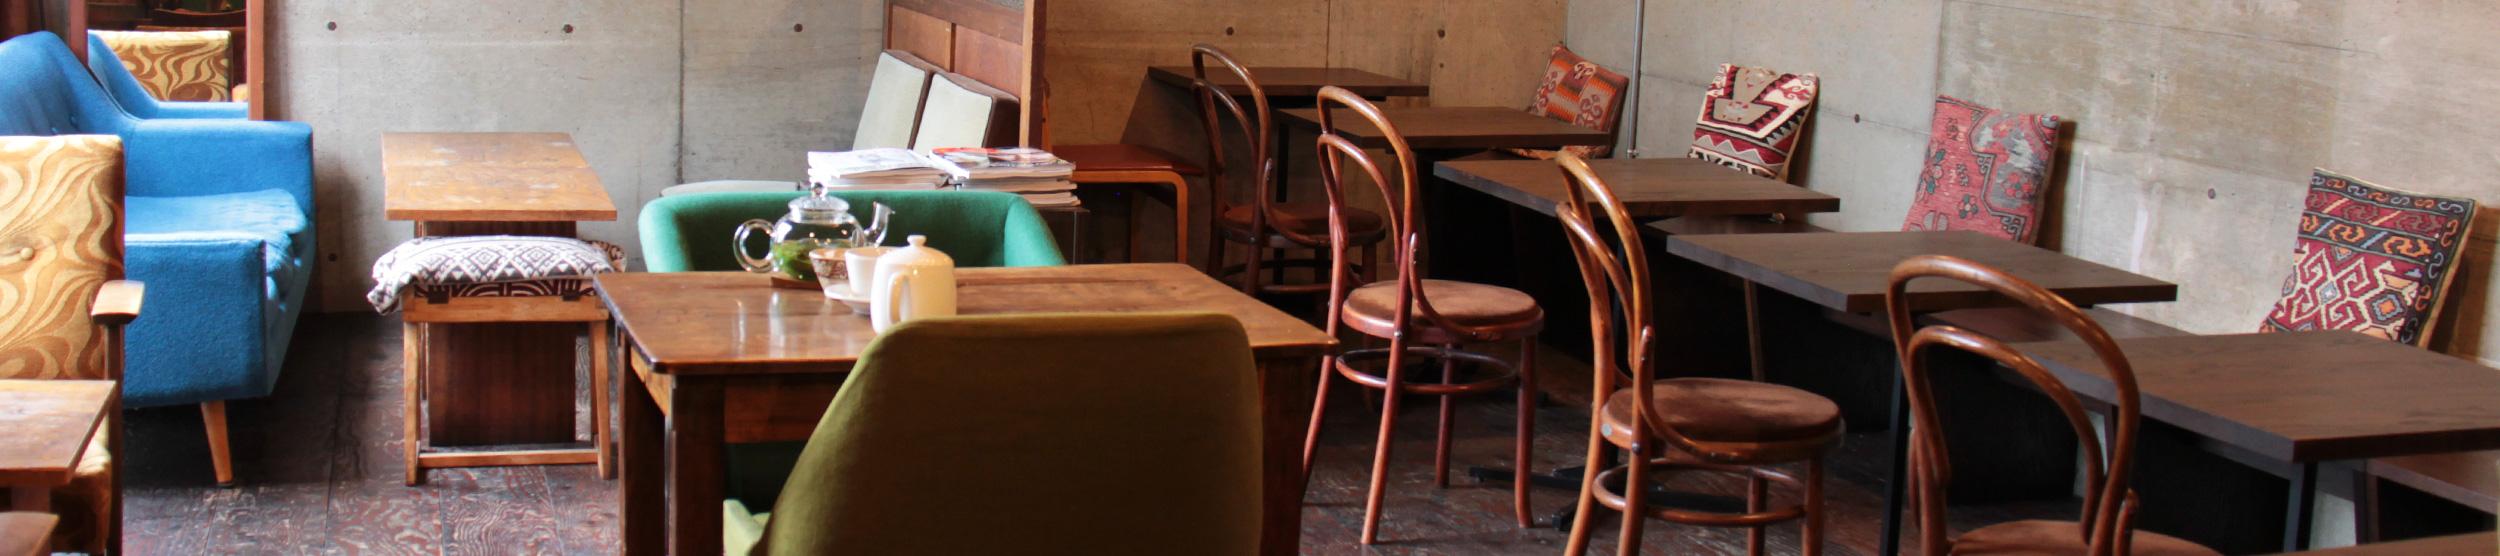 青森県弘前市にあるカフェ café ruuDho(カフェ・ルードー)